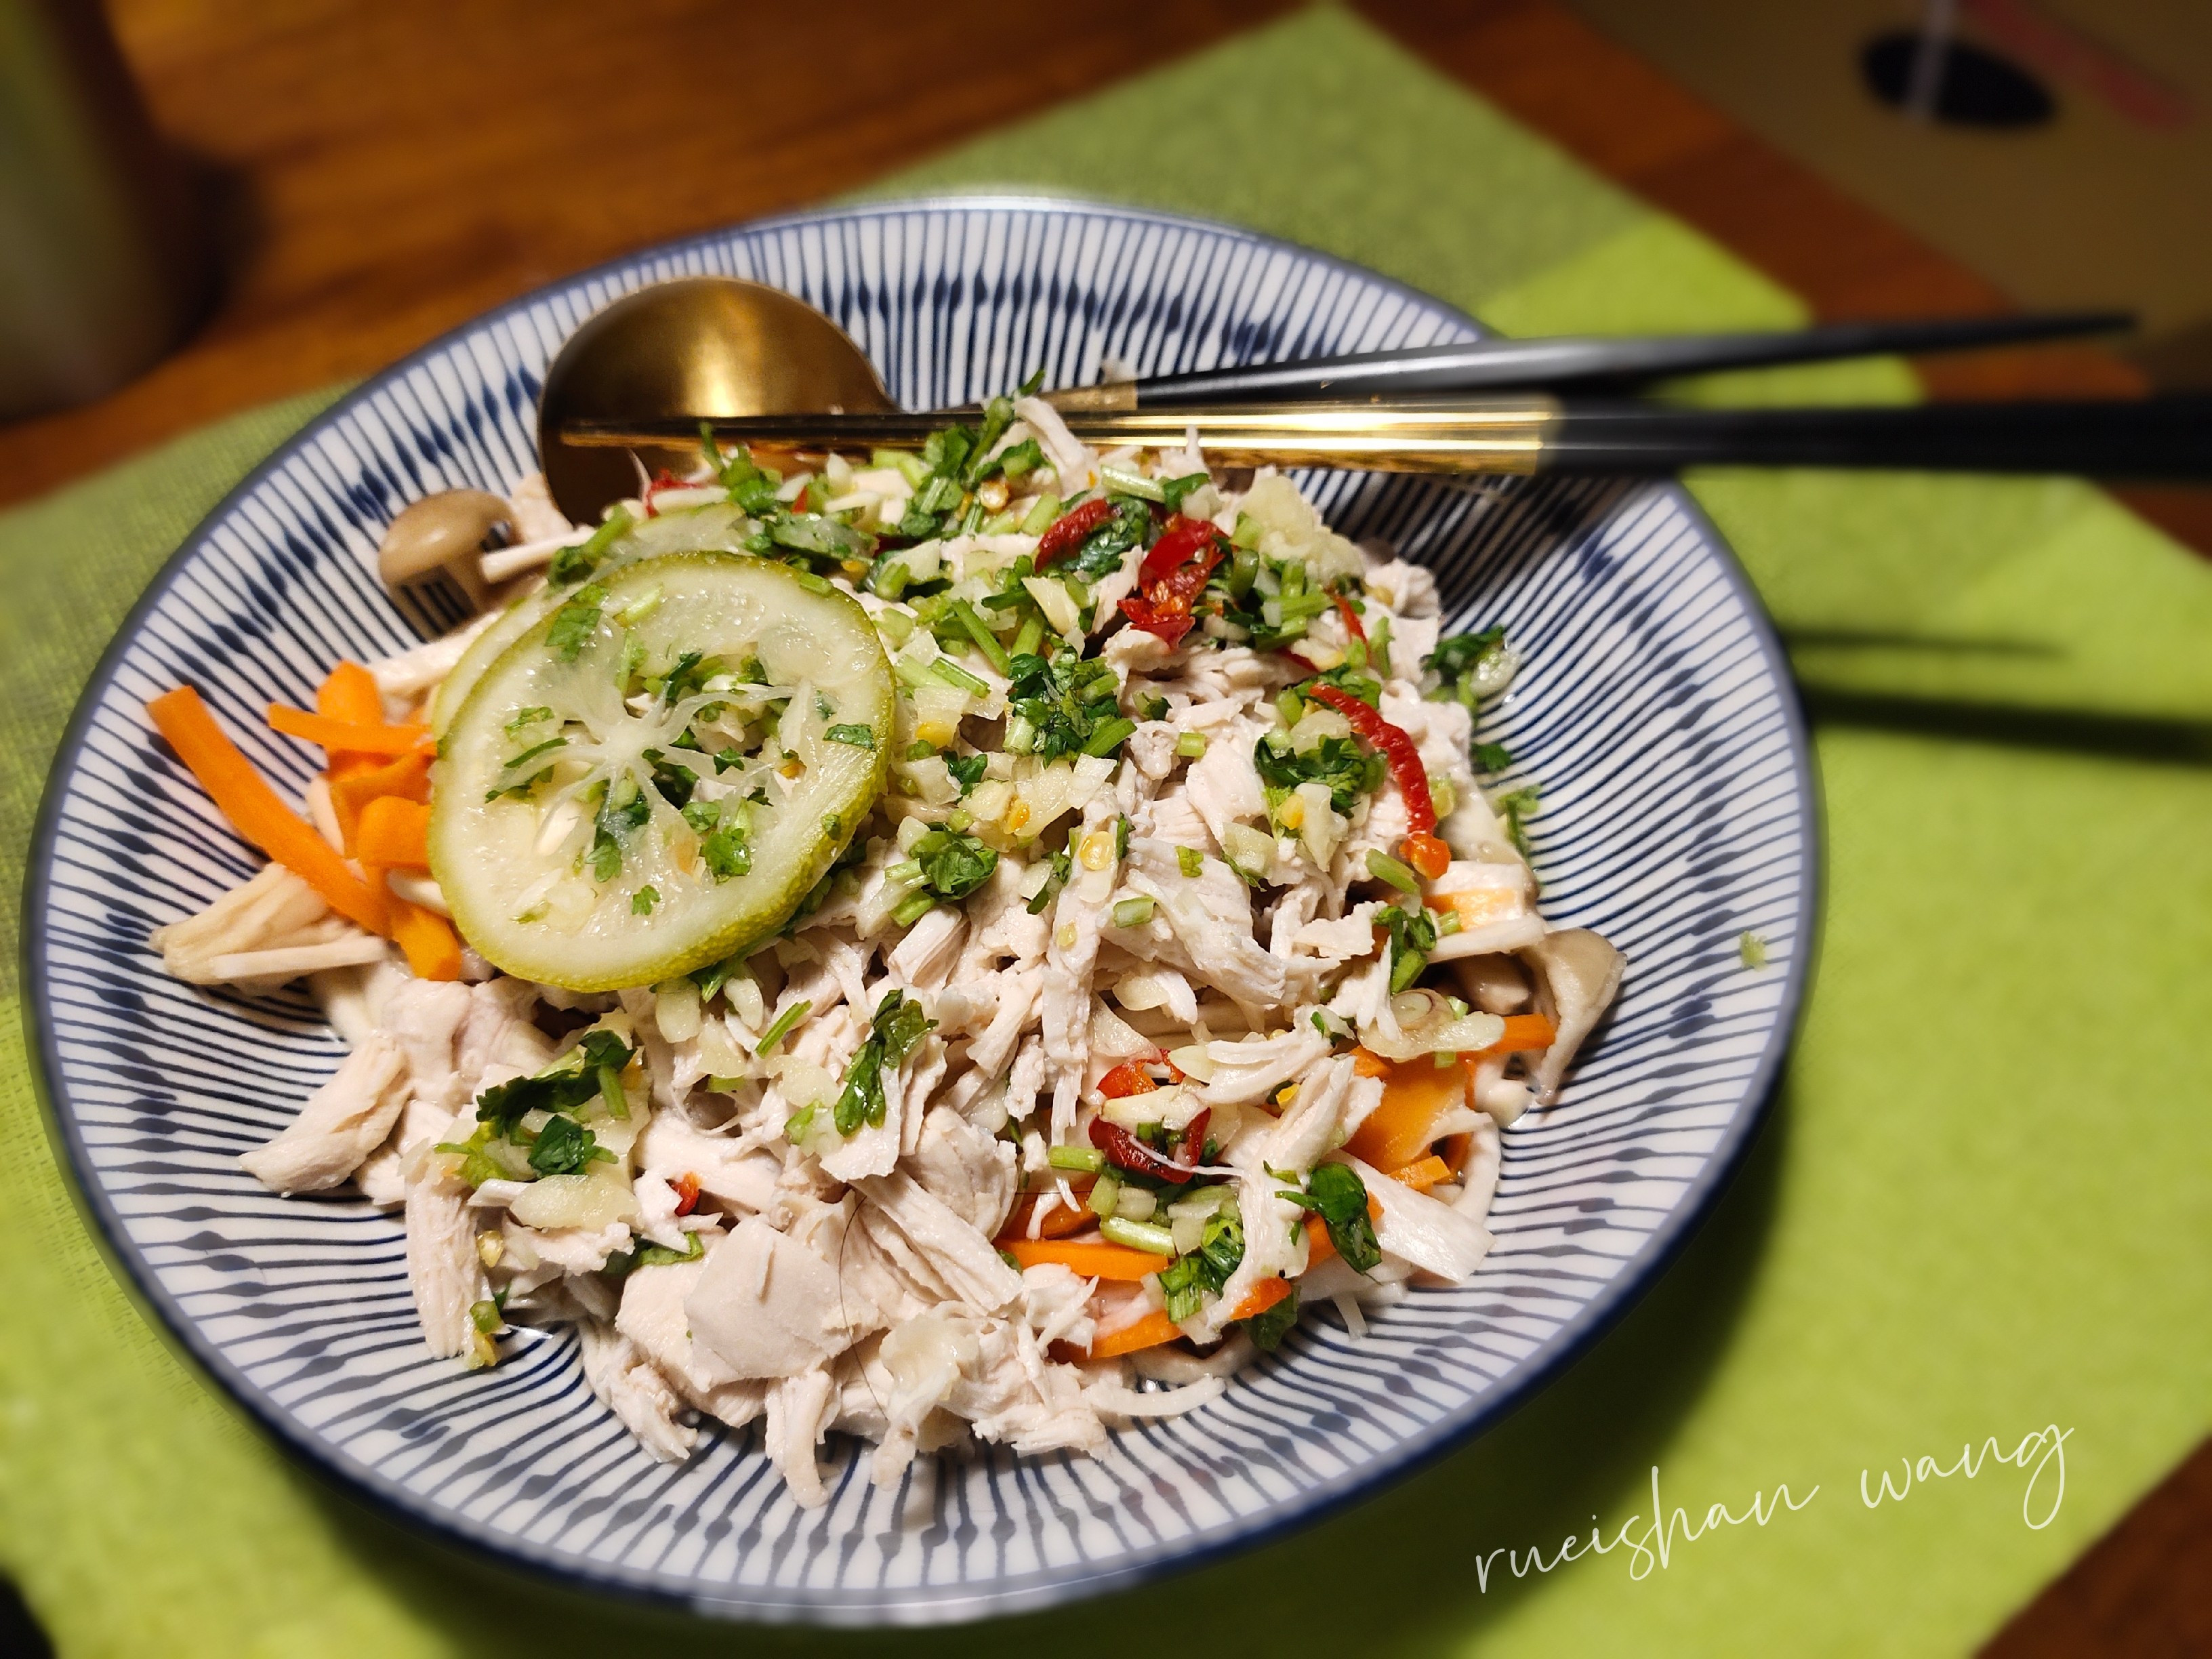 泰式涼拌菇菇雞絲